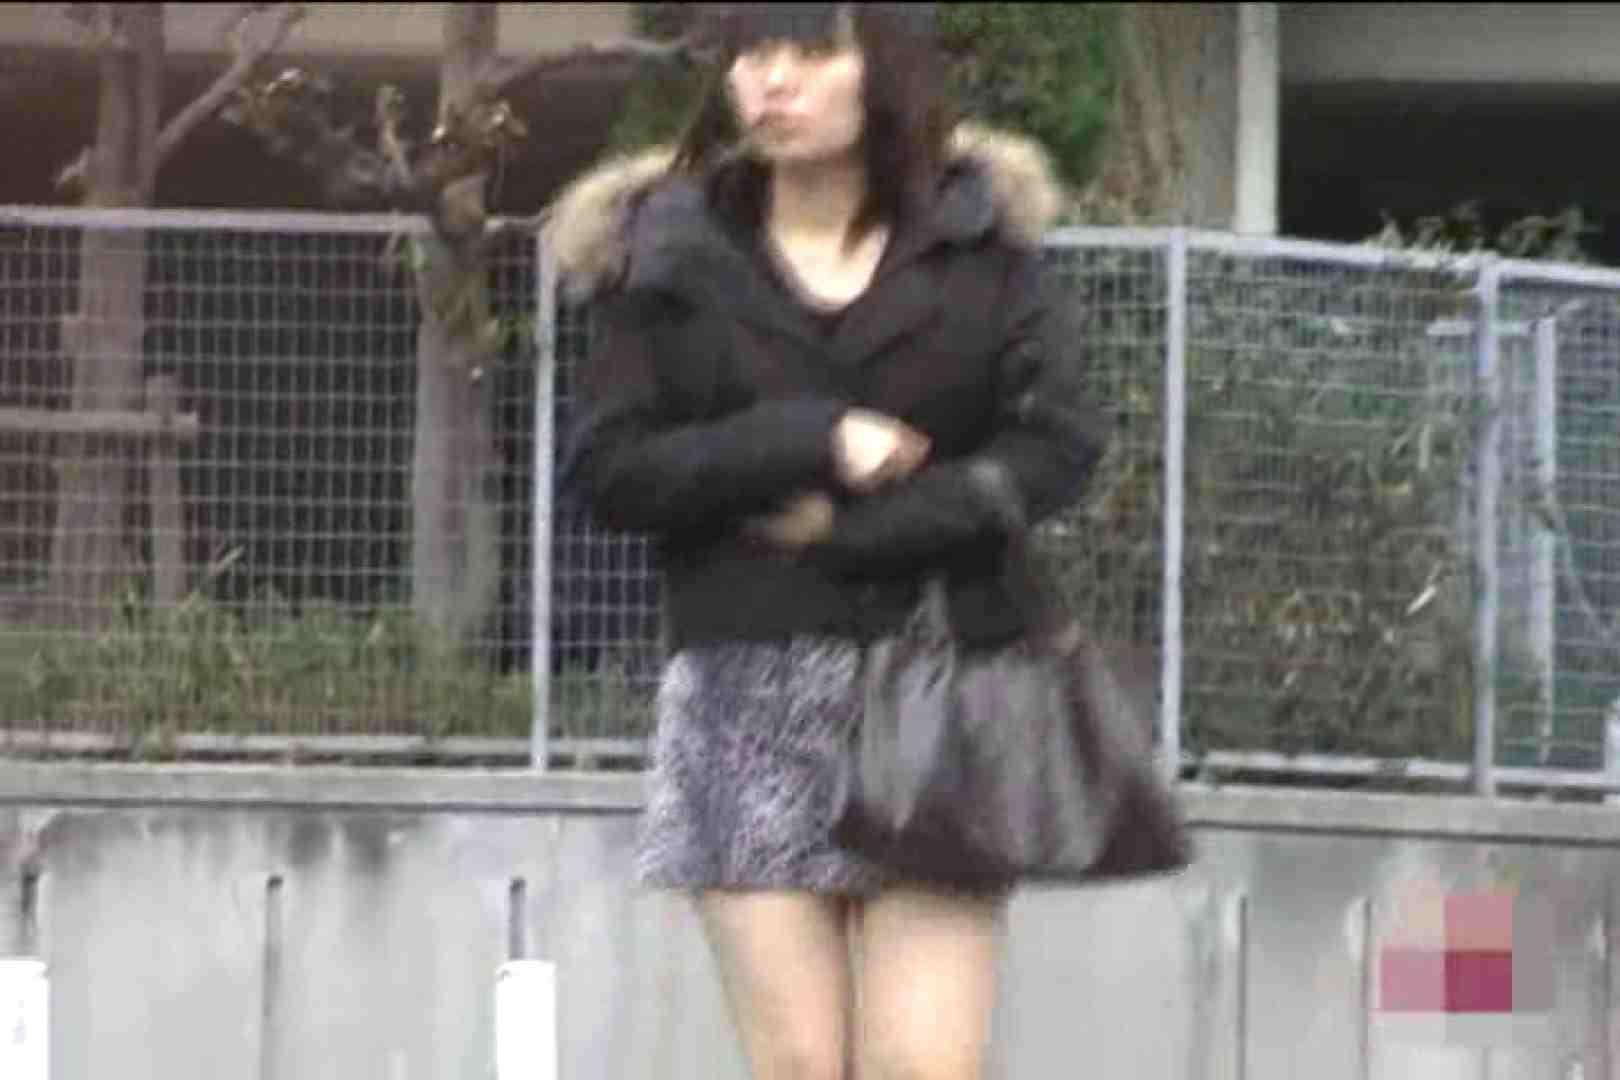 検証!隠し撮りスカートめくり!!Vol.7 ワルノリ | エロティックなOL  78画像 45